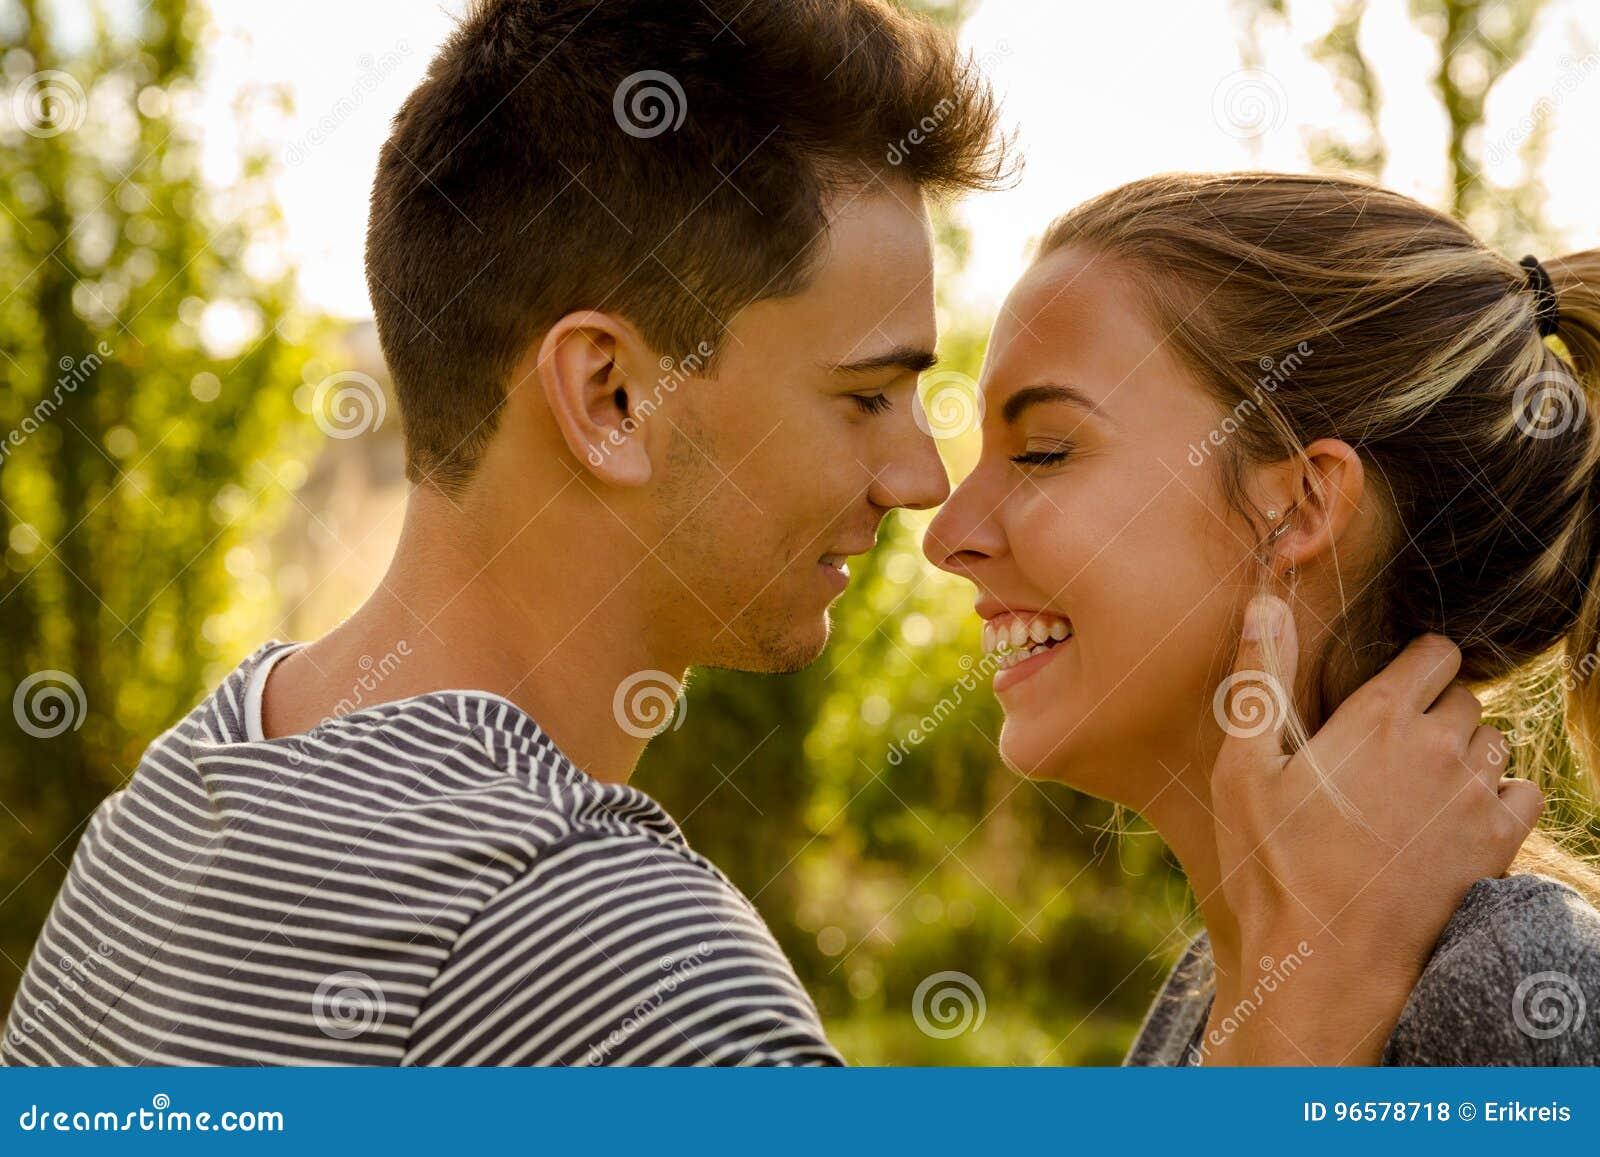 Perfekter Moment Für Einen Kuss Stockfoto Bild Von Field